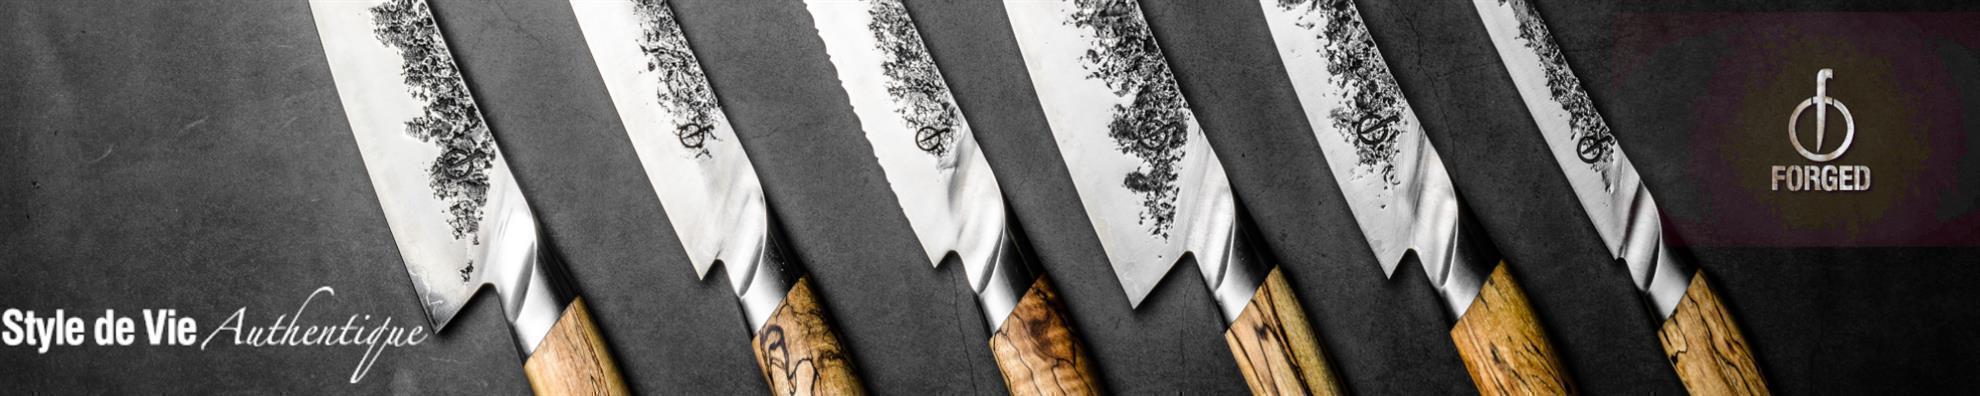 Forged - Intense 3-tlg. Messerset - Kochmesser, Hackbeil, Universalmesser